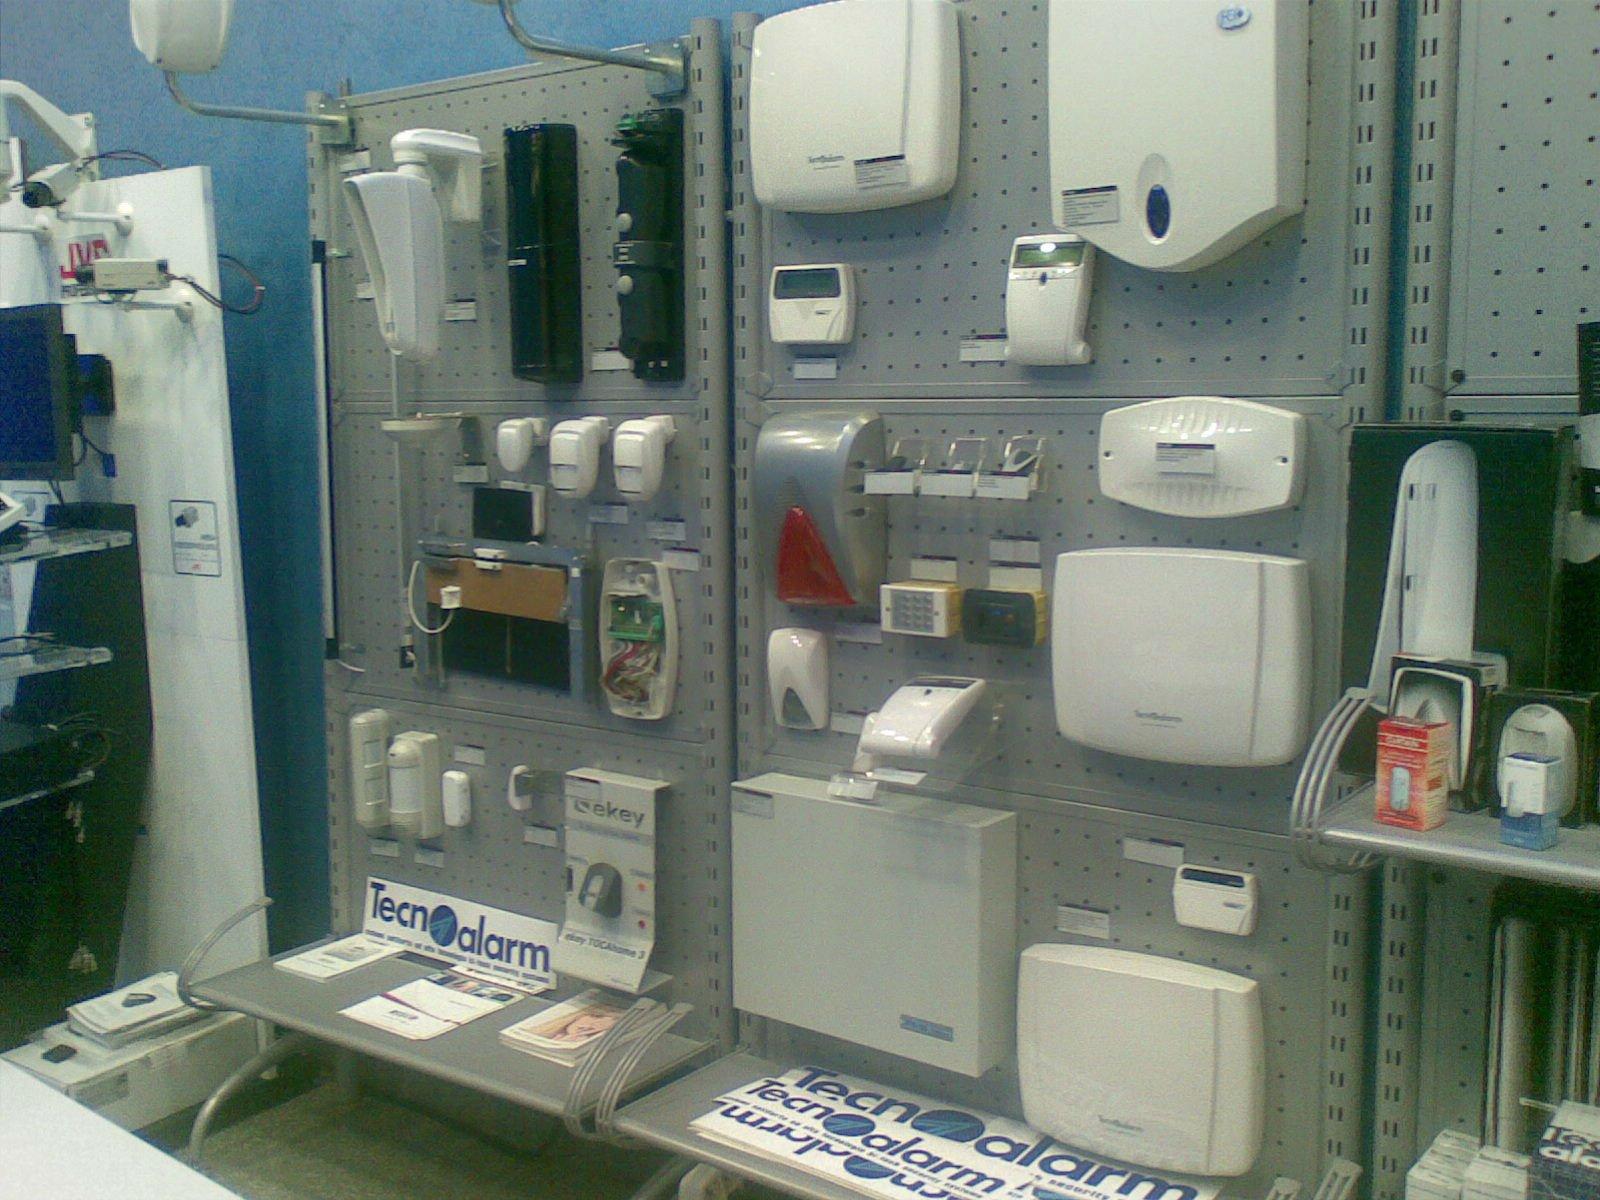 allarmi e dispositivi di sicurezza in esposizione